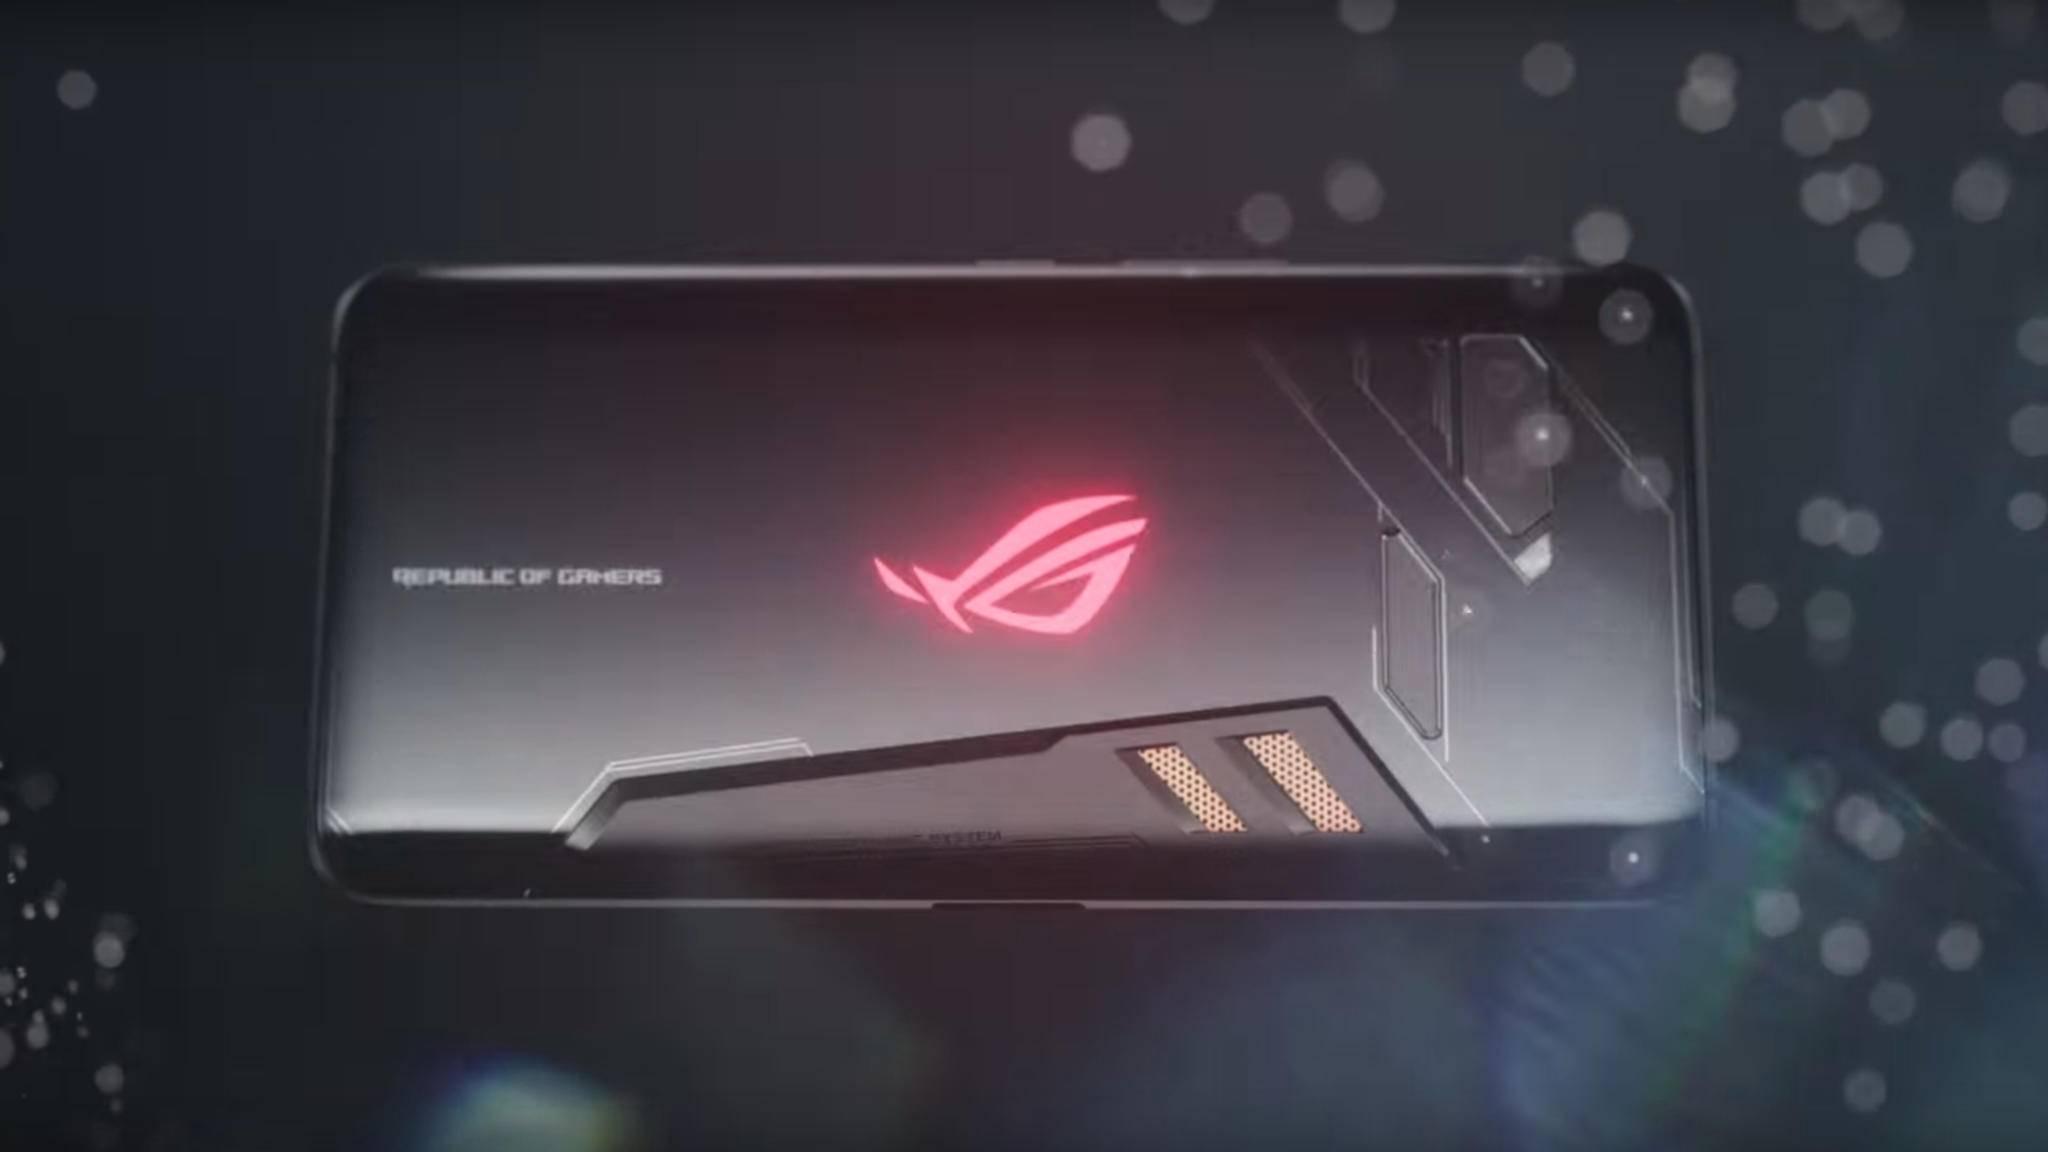 Der Nachfolger des Asus ROG Phone (im Bild) bekommt einen übertakteten Snapdragon 855.